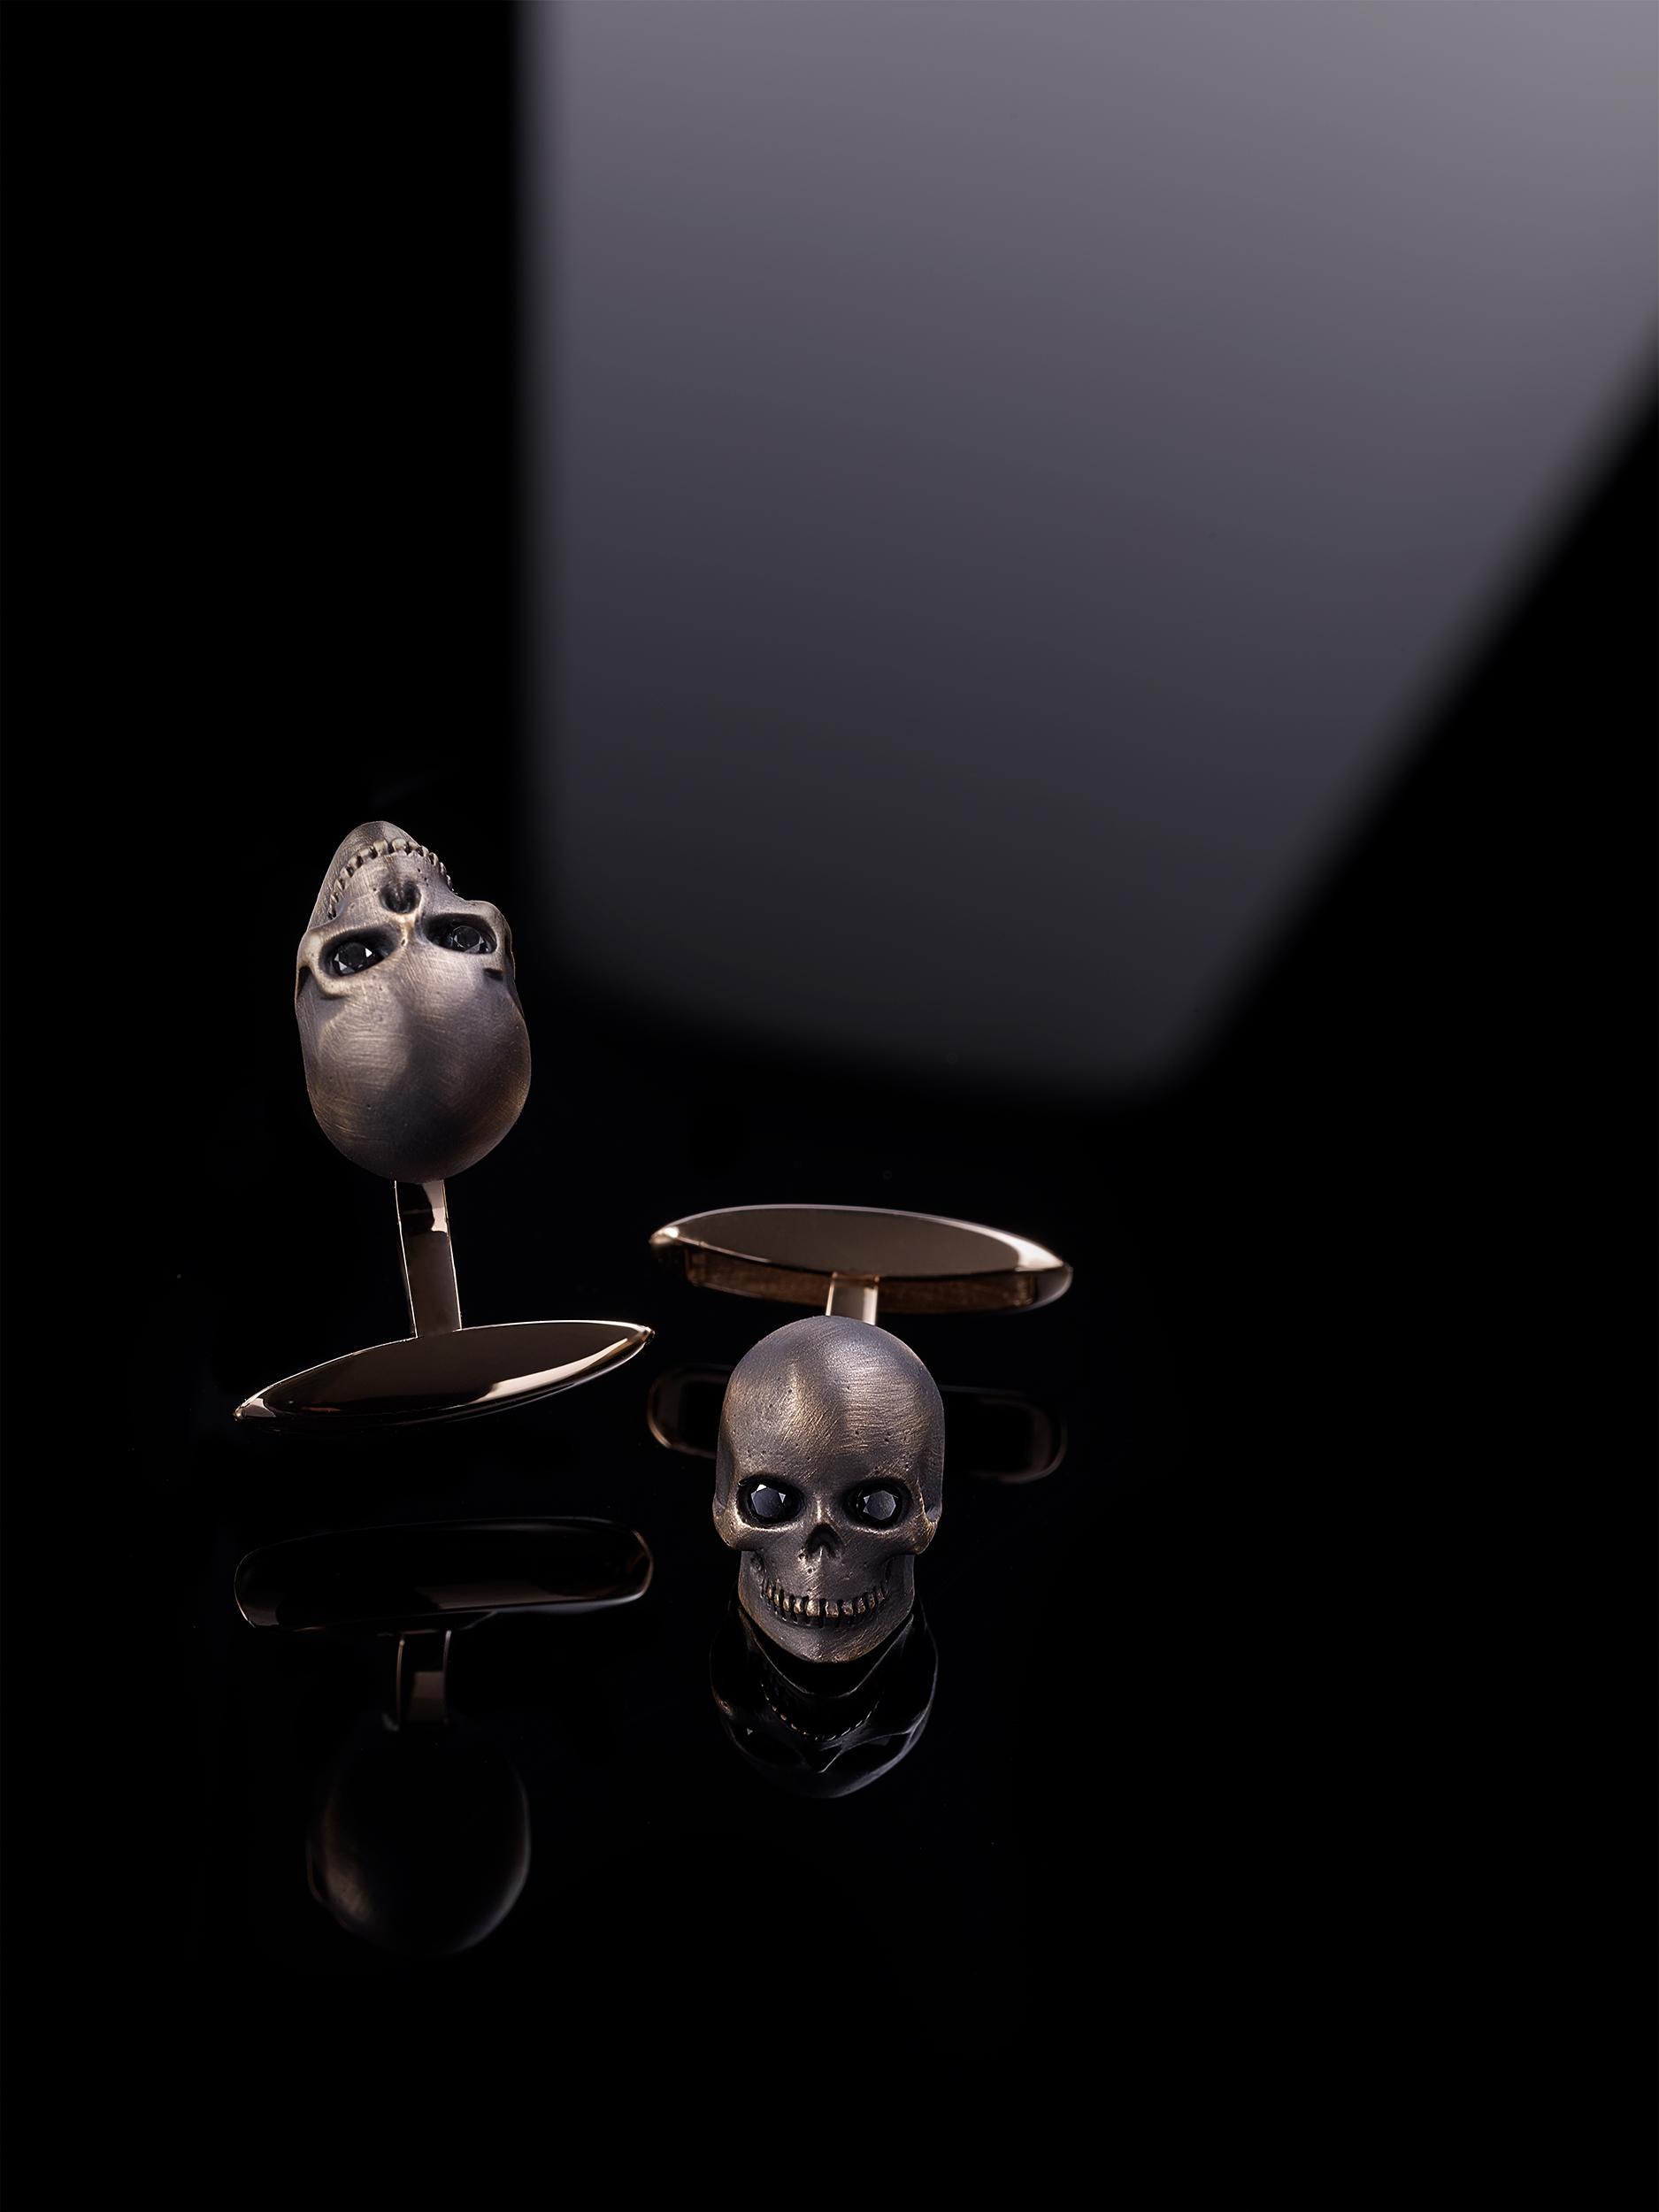 boutons de machettes en or version vanité